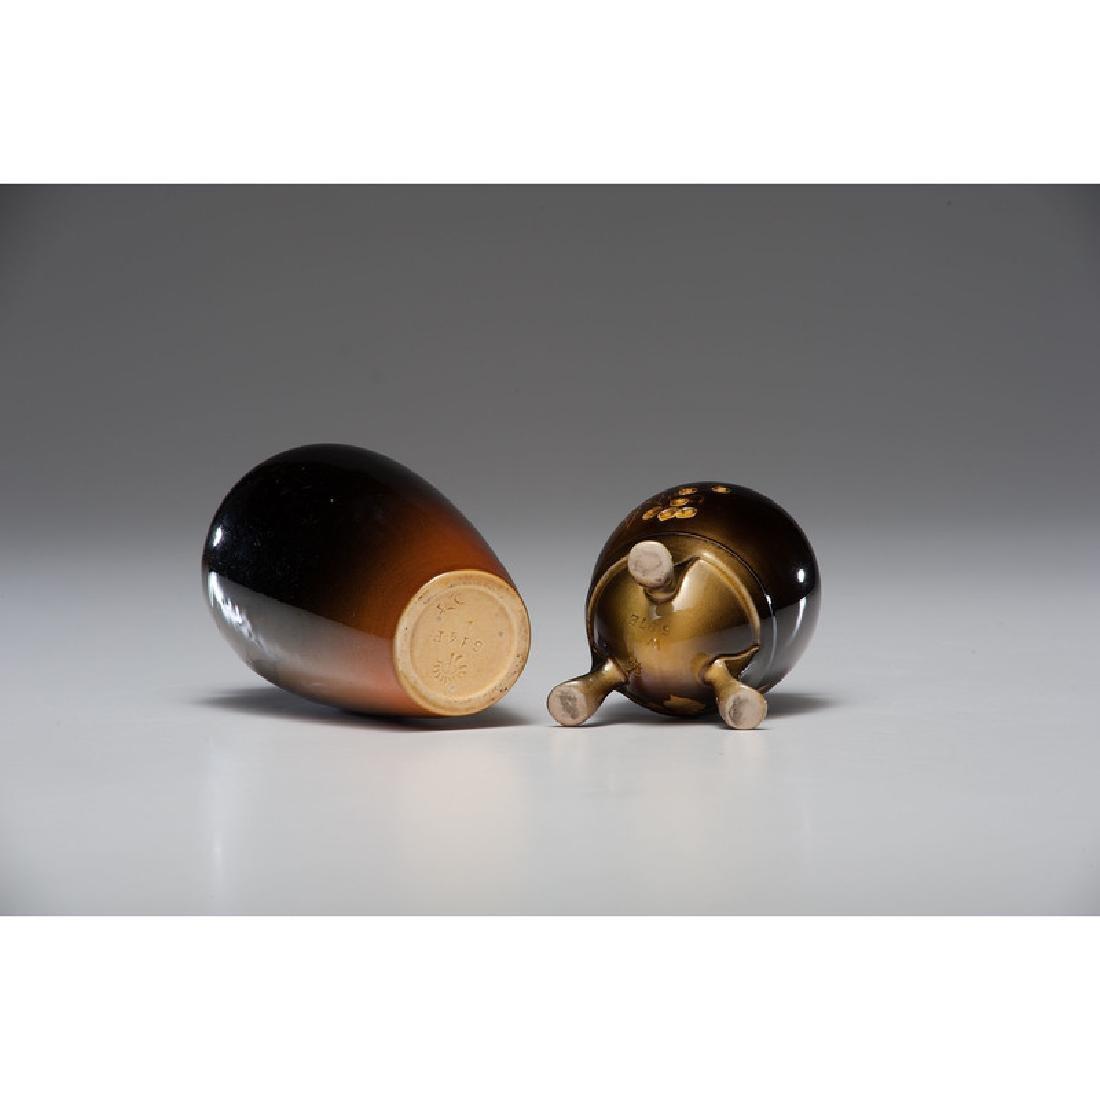 Rookwood Standard Glaze Vases - 4